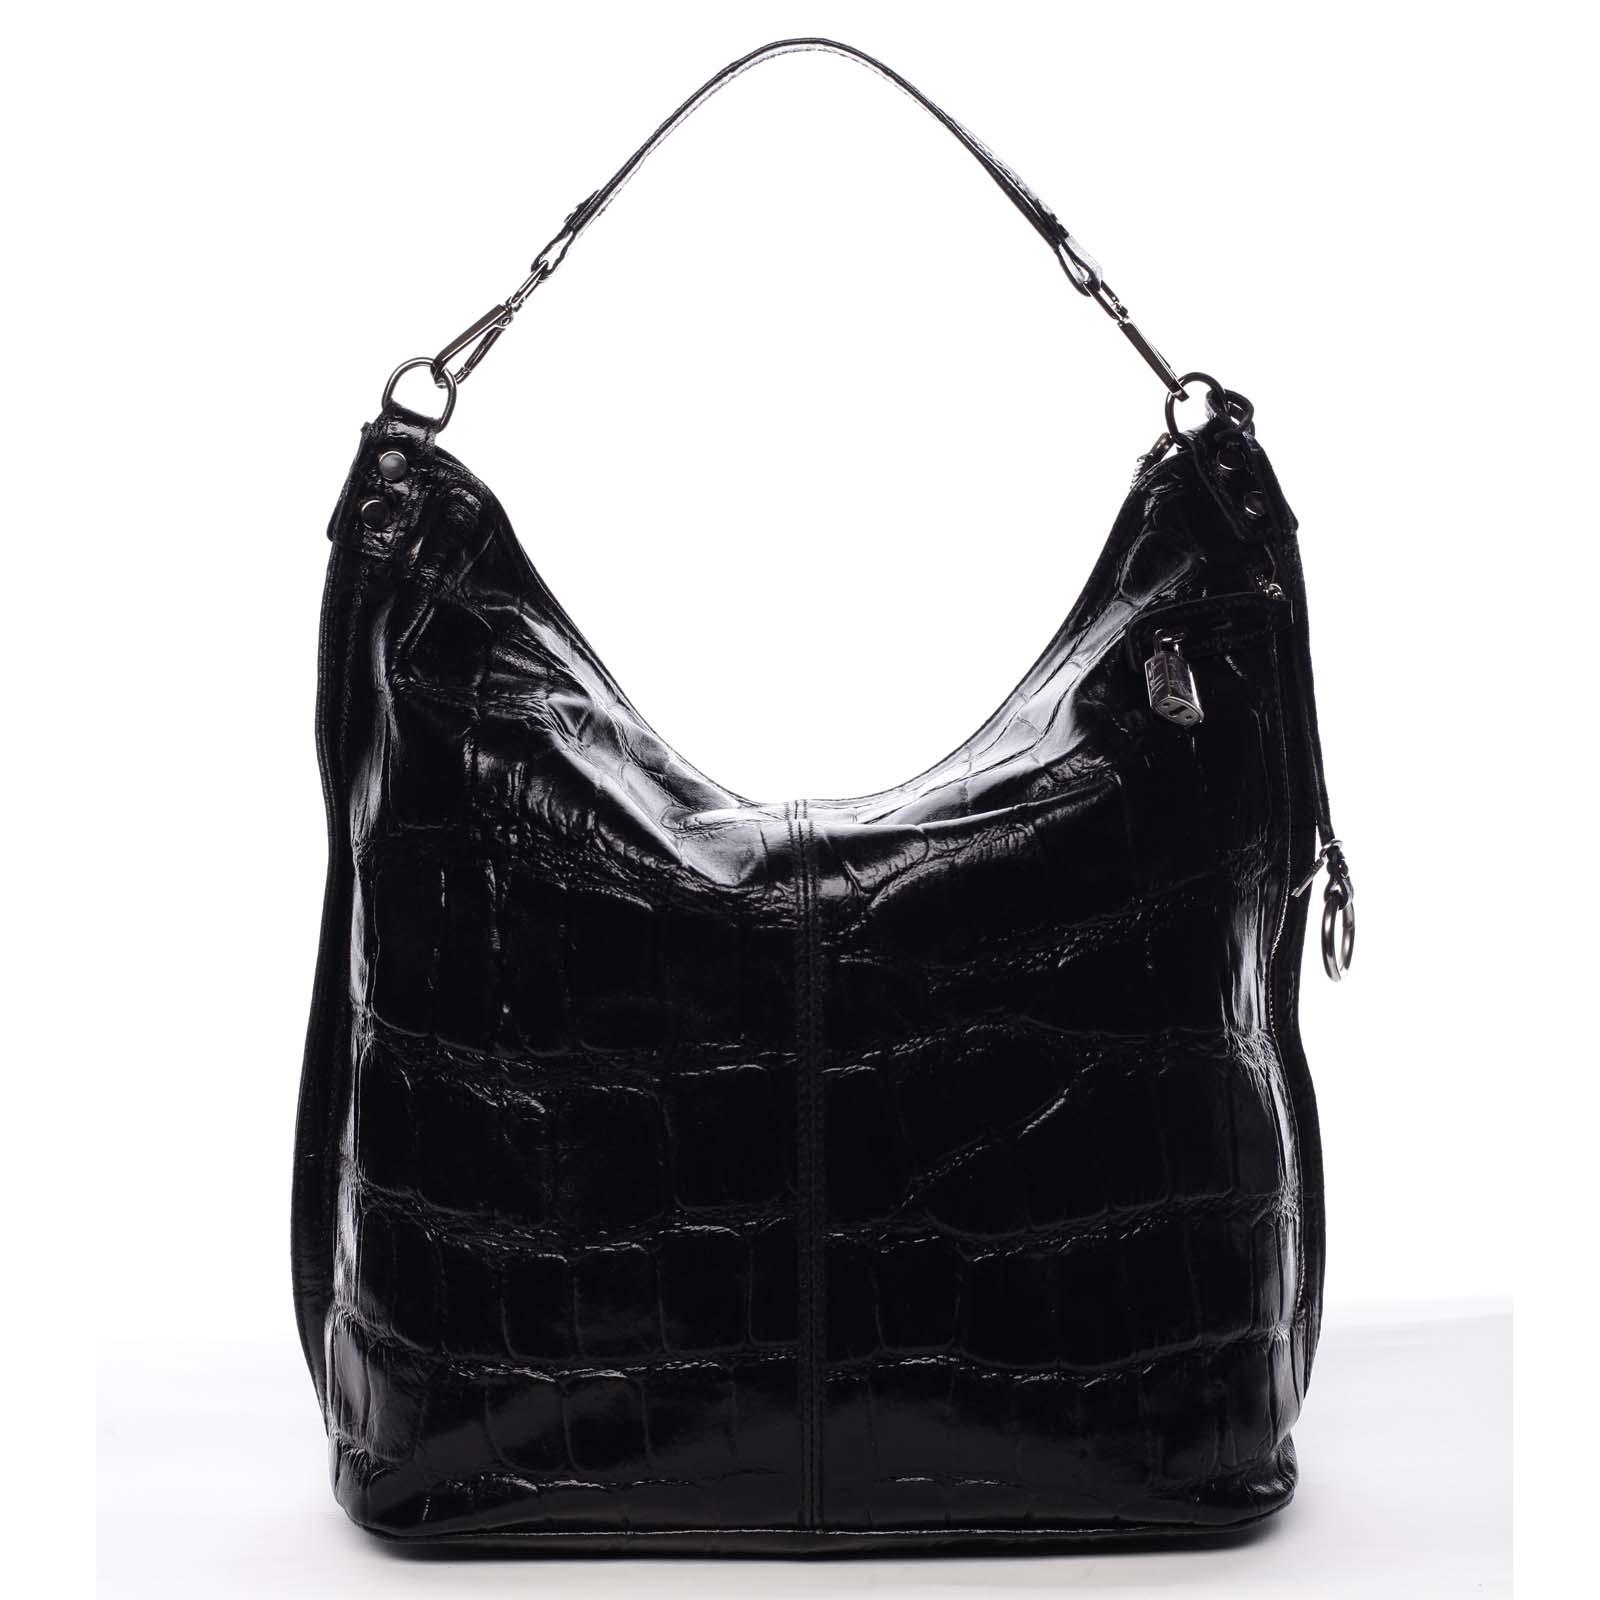 Velká kožená dámská kabelka černá - ItalY Celinda